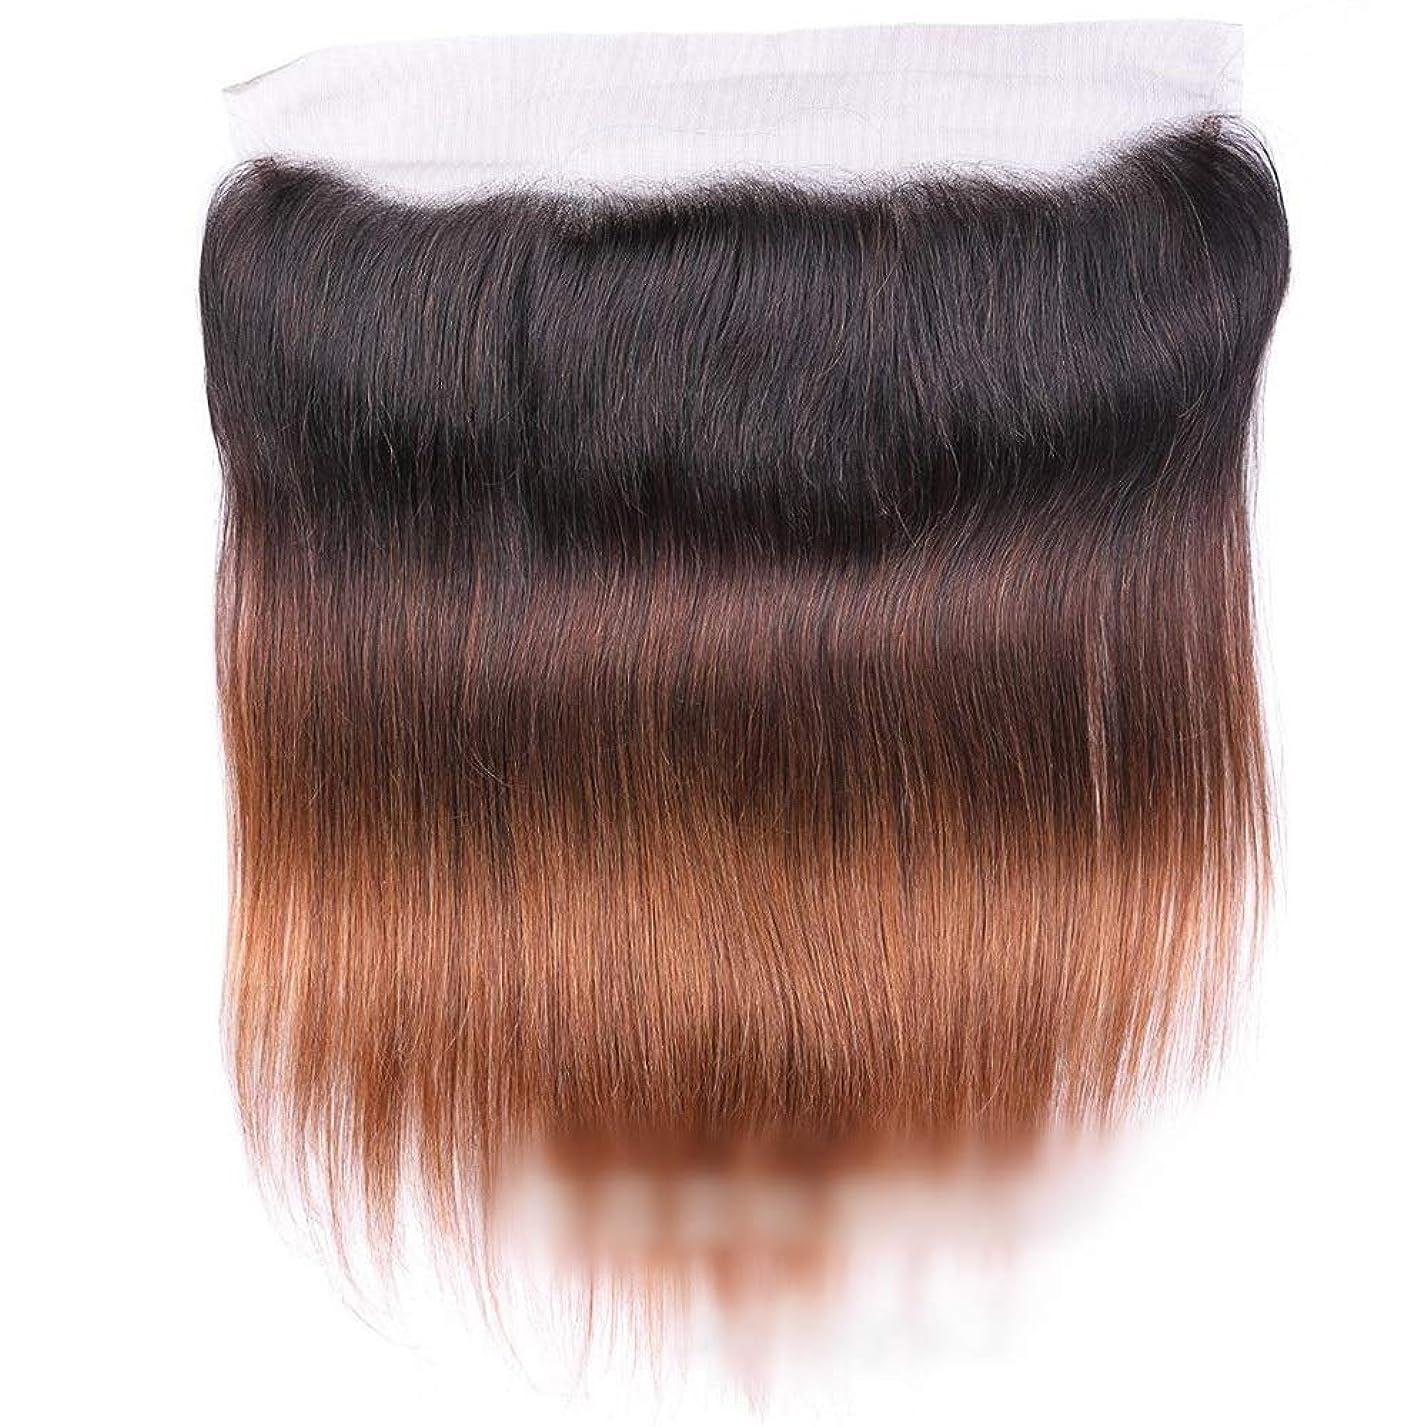 所有者セラーたっぷりBOBIDYEE オンブルブラジルバージンヘアストレートレース閉鎖人間の髪の毛1B / 4/30 3トーンカラー(8インチ18インチ)ロングストレートヘアウィッグ (色 : ブラウン, サイズ : 18 inch)